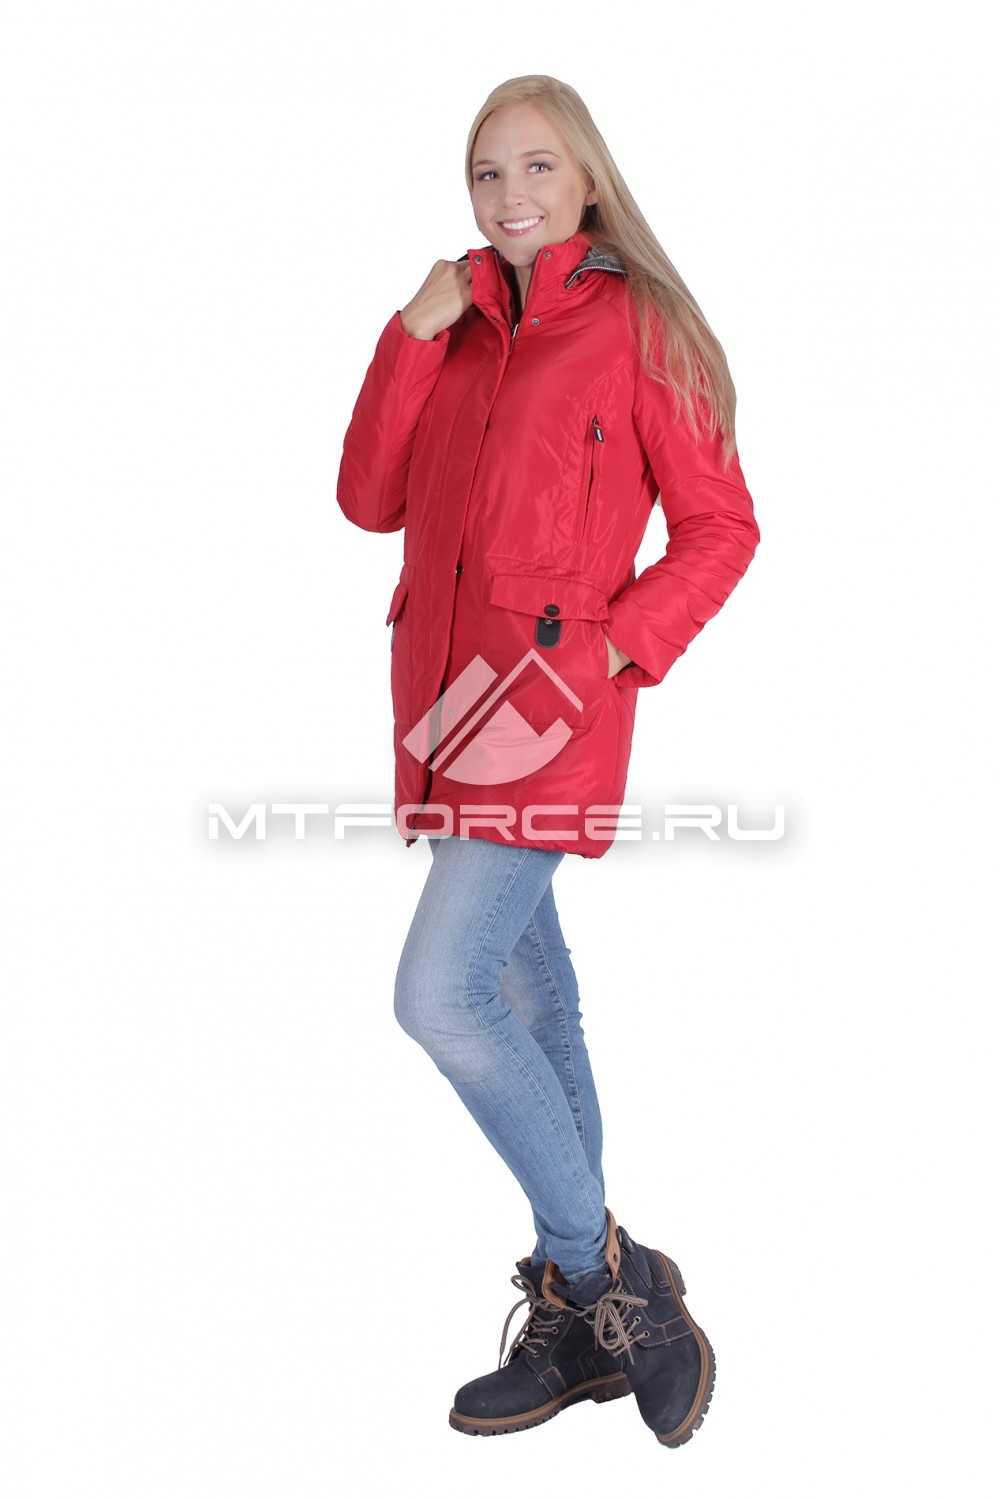 Купить                                  оптом Итальянская куртка женская красного цвета 1688Kr